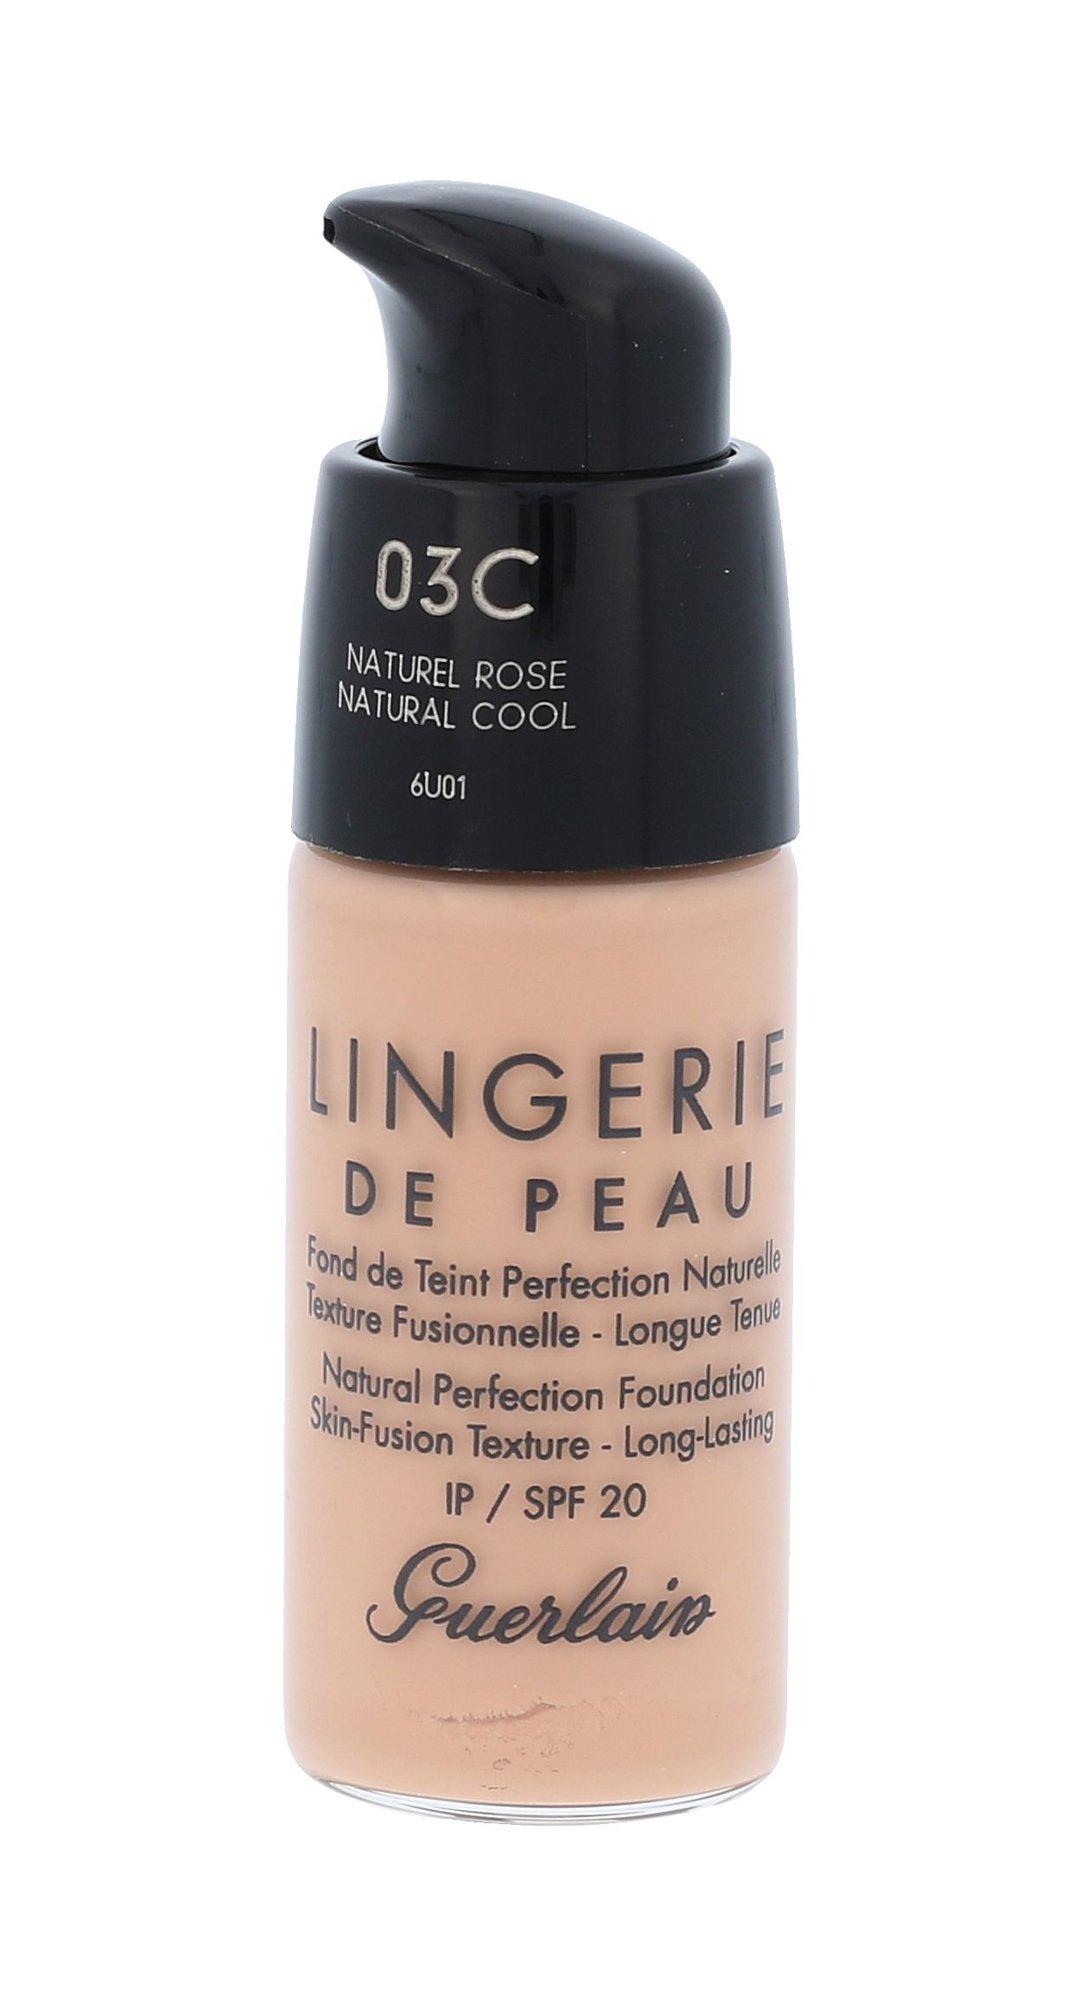 Guerlain Lingerie De Peau Cosmetic 15ml 03C Natural Cool